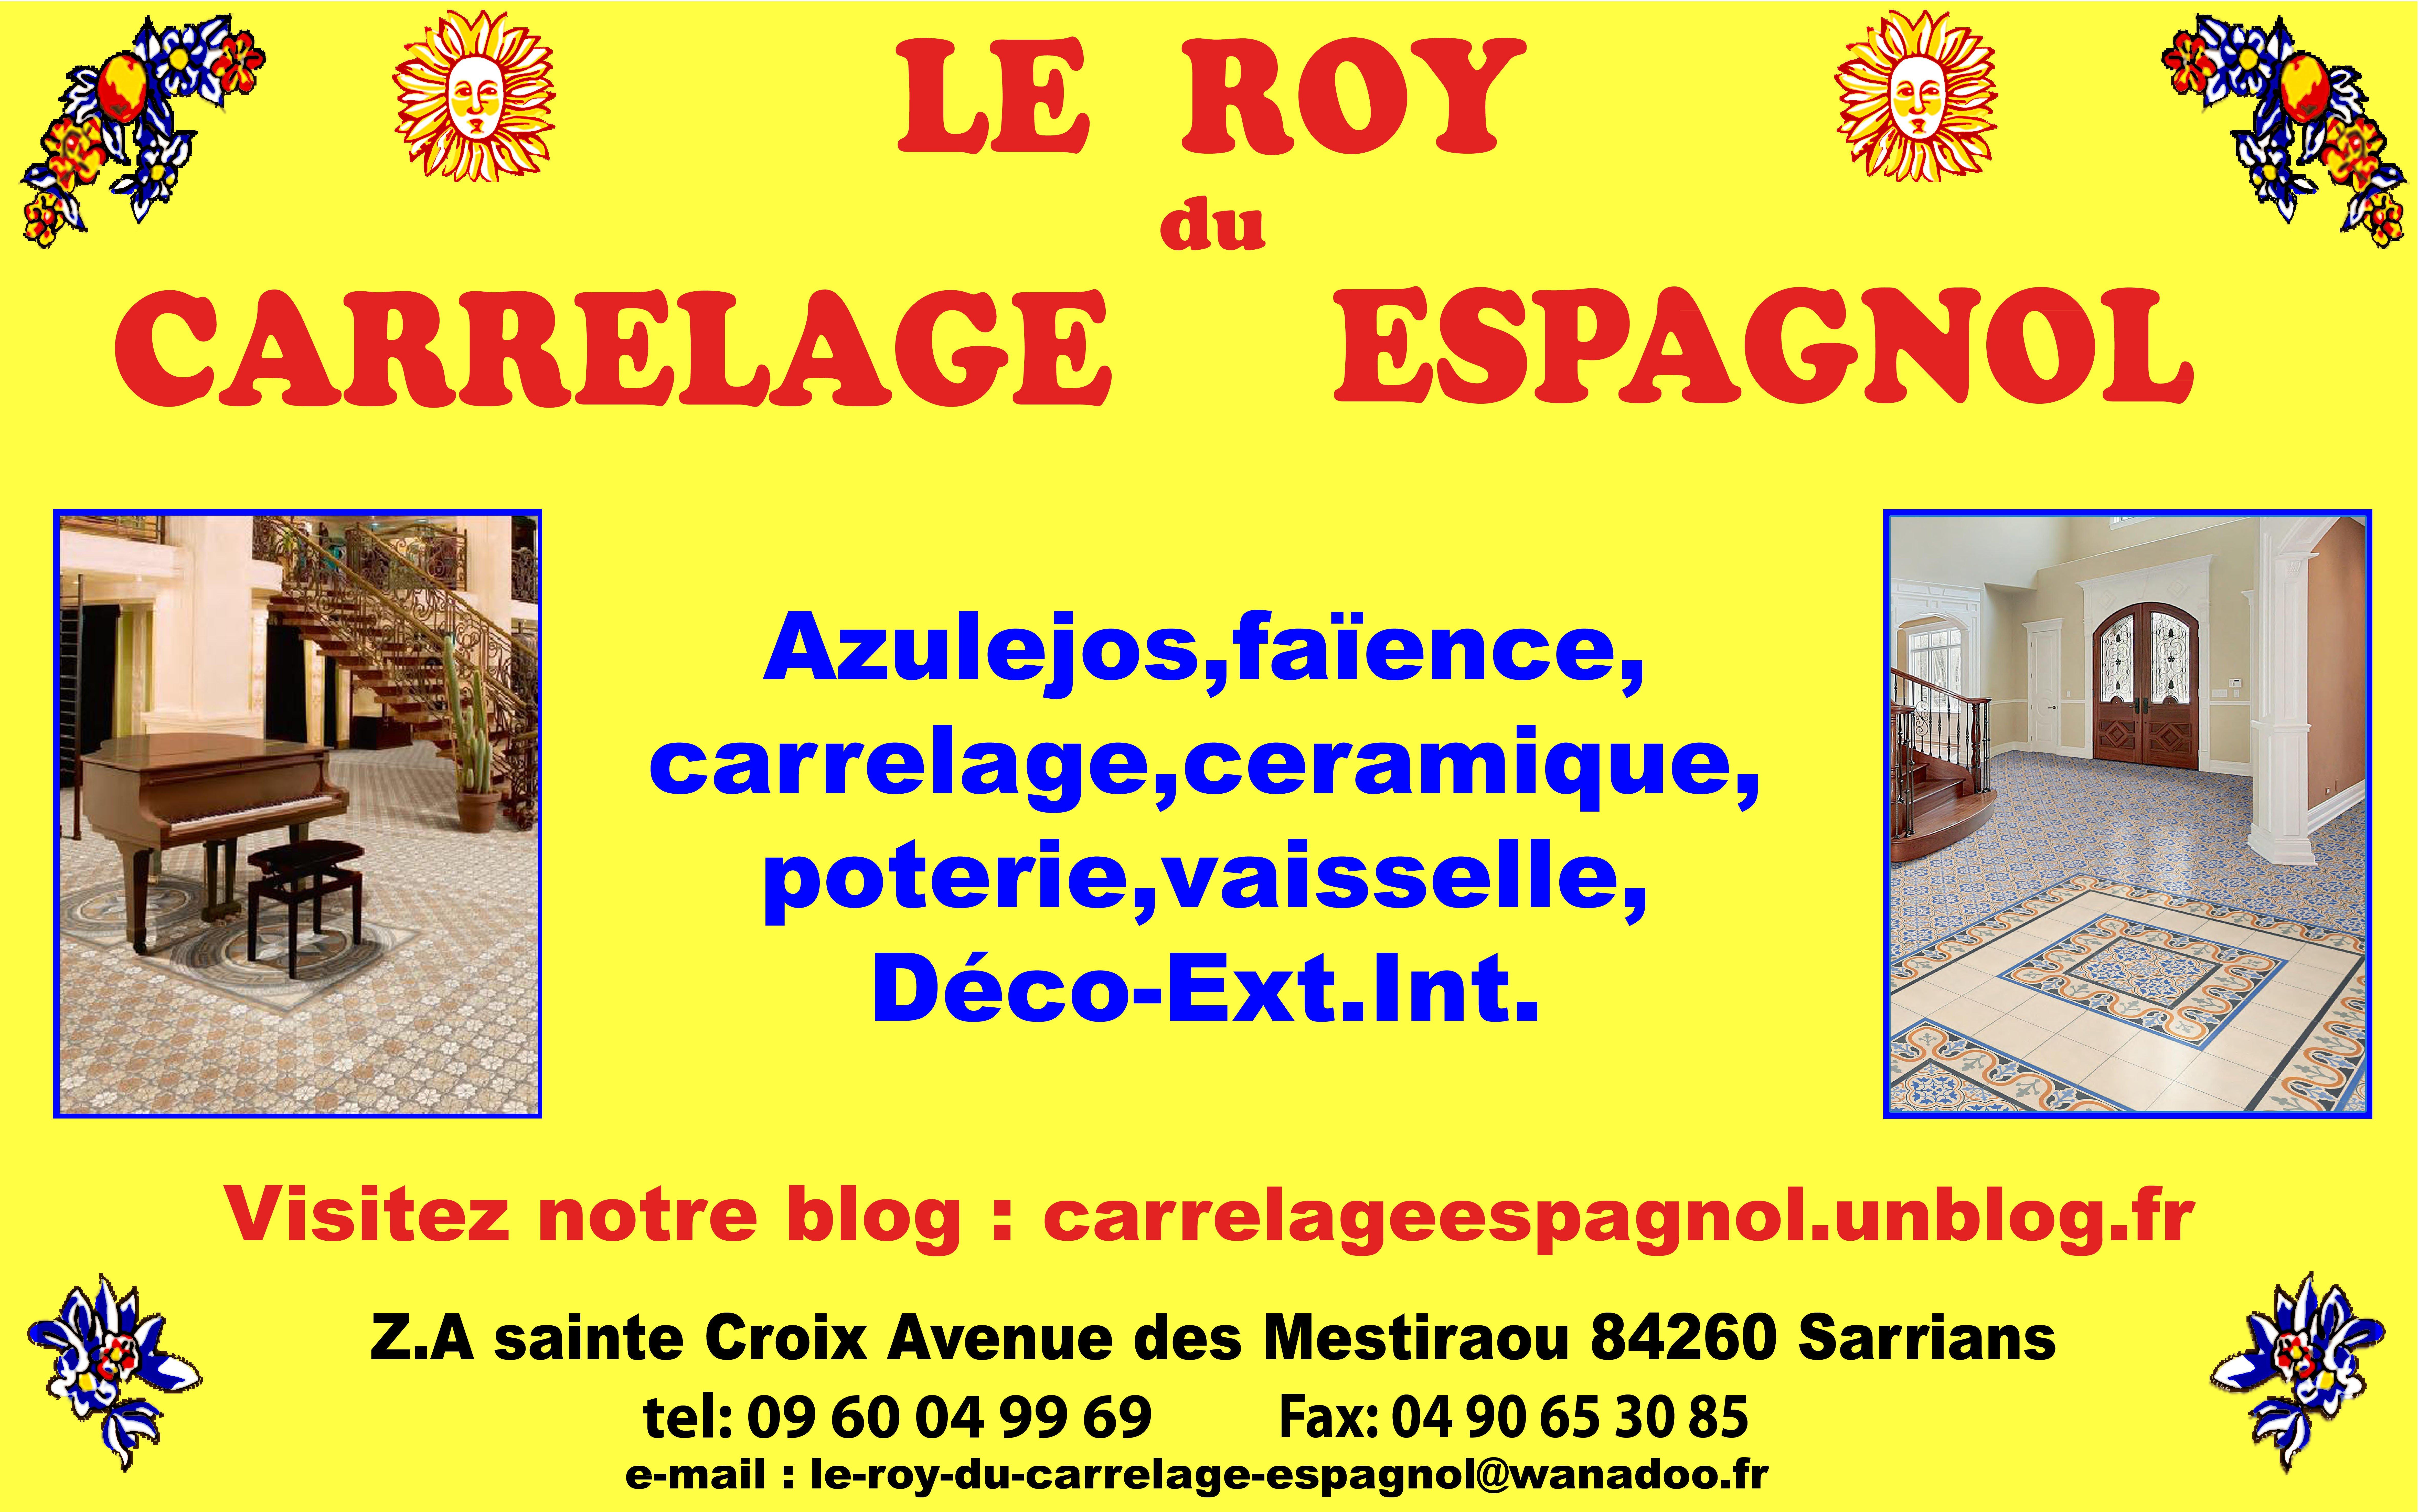 Sarl le roy du carrelage espagnol azulejos for Carrelage espagnol